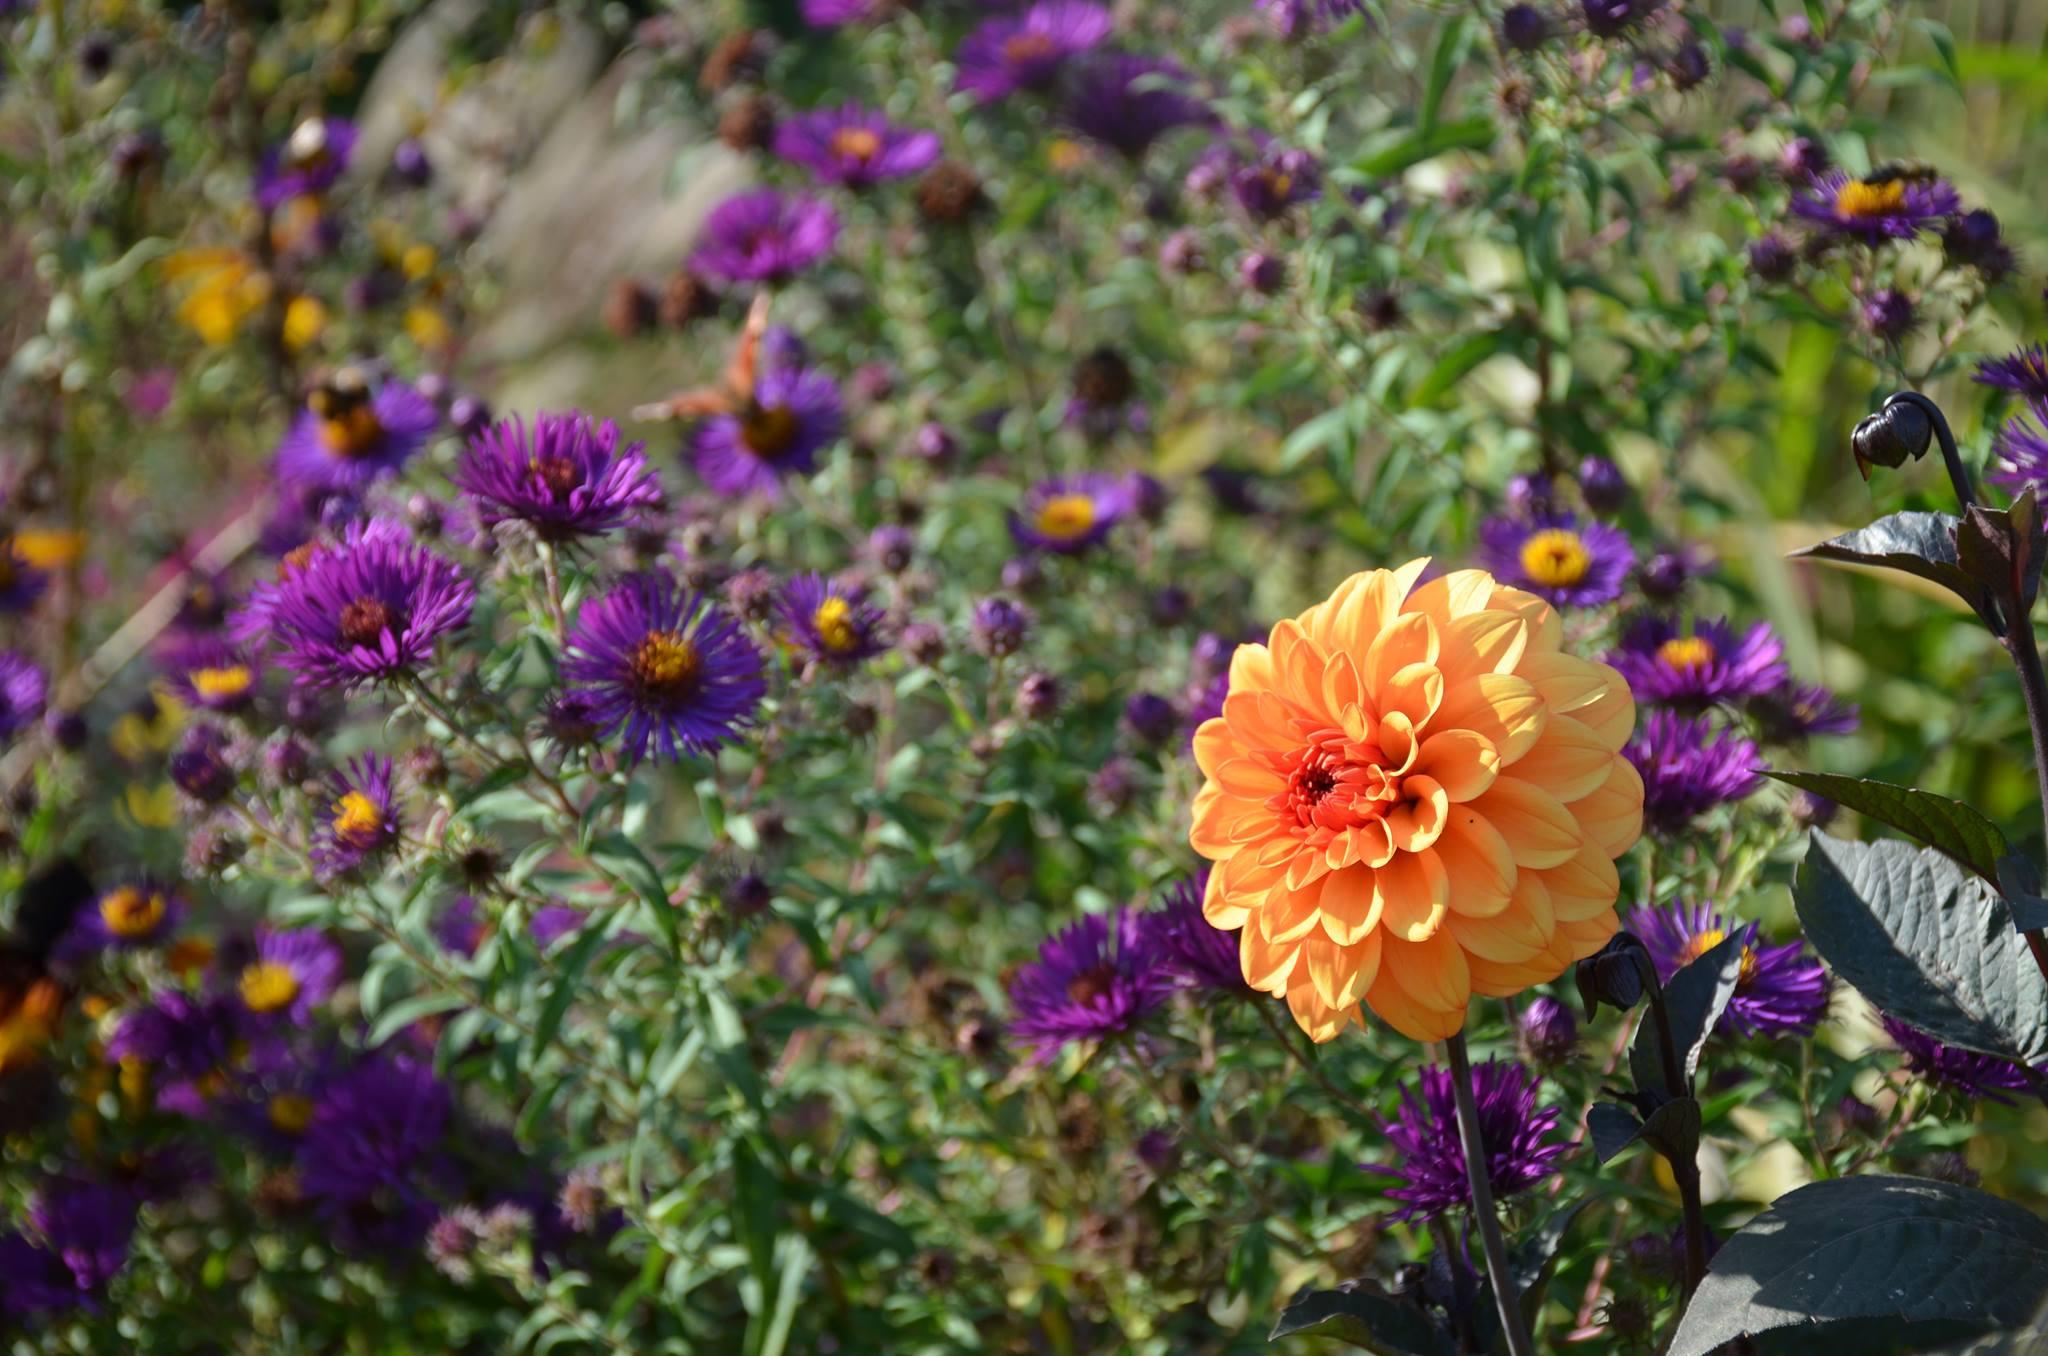 Les dahlias une passion qui illumine m me l 39 hiver blog for Promesse de fleurs